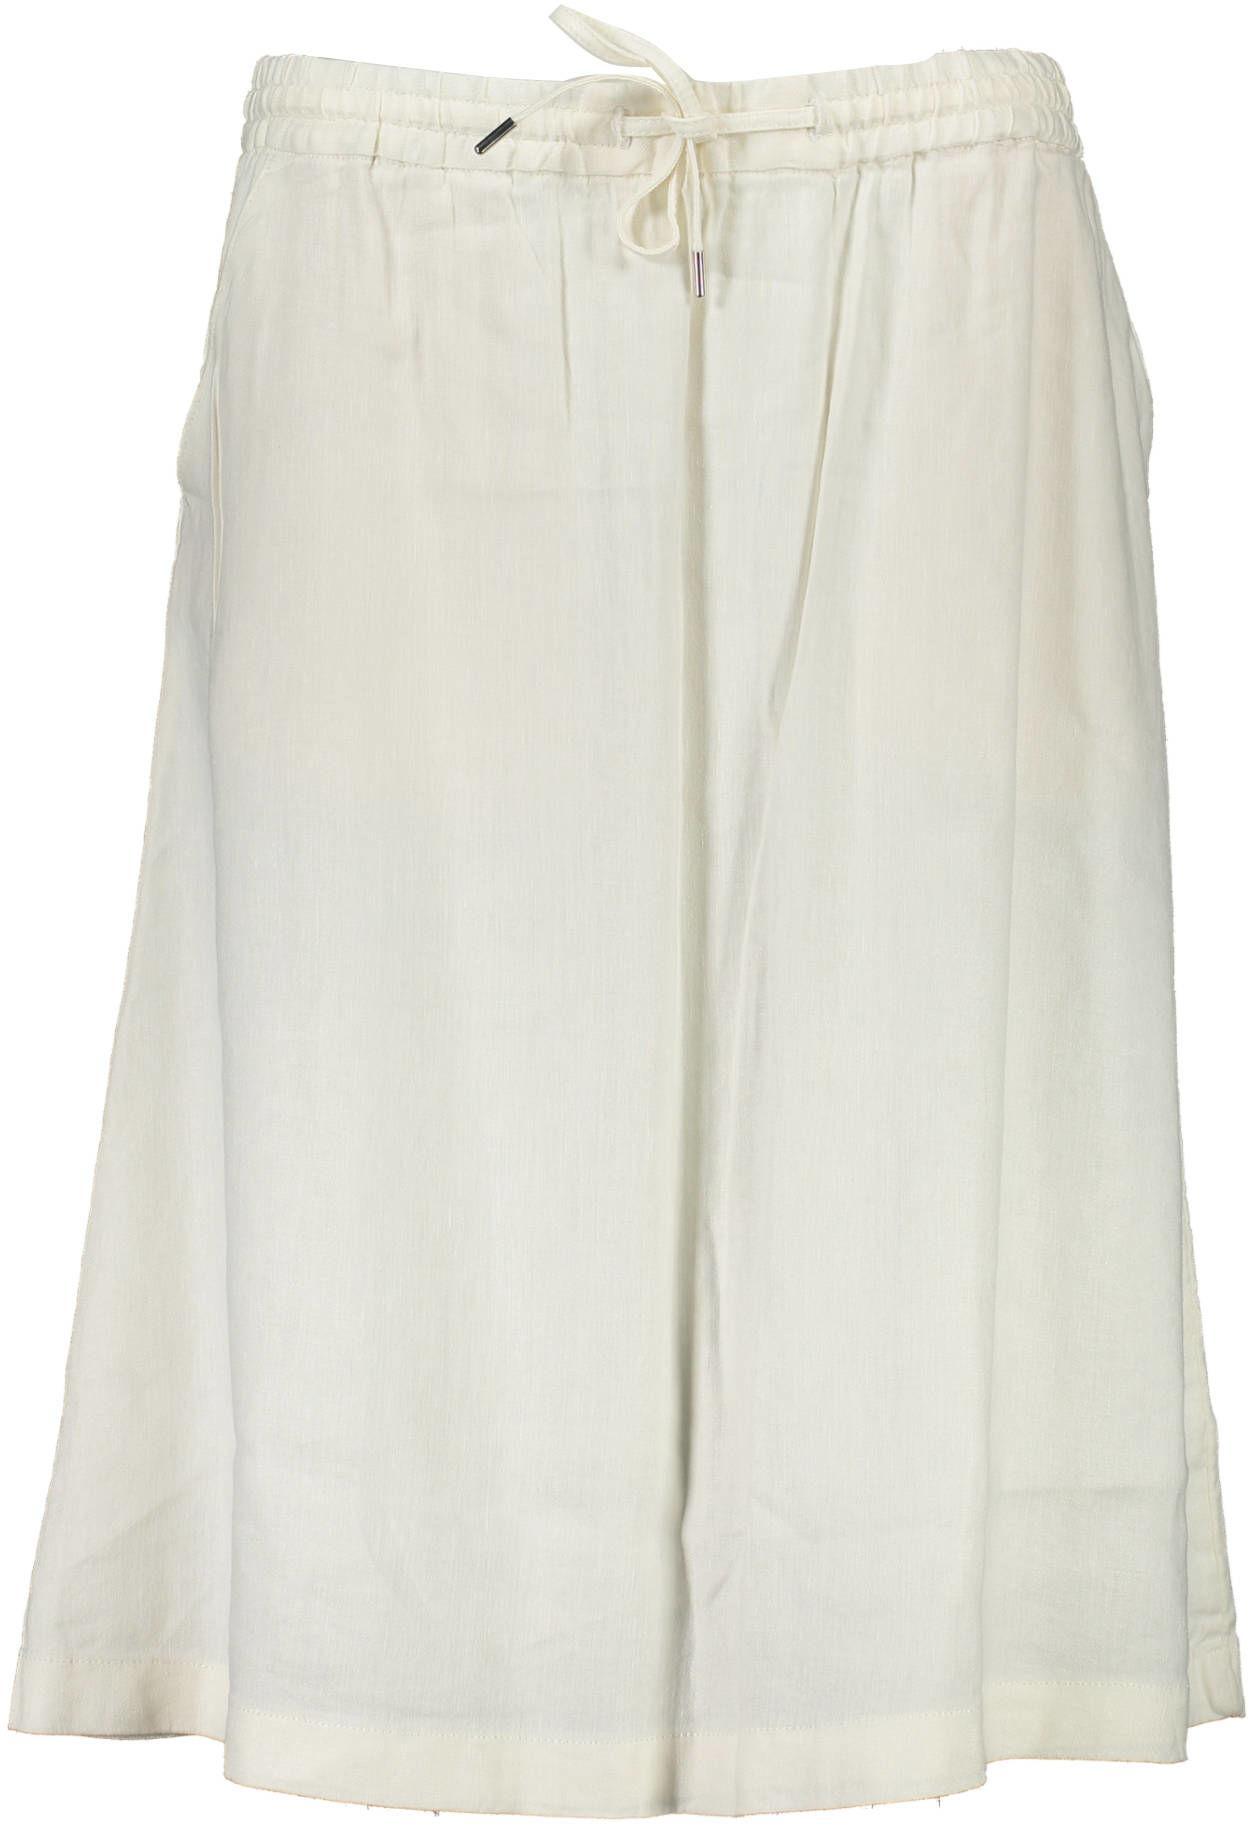 GANT Longuette skirt Women